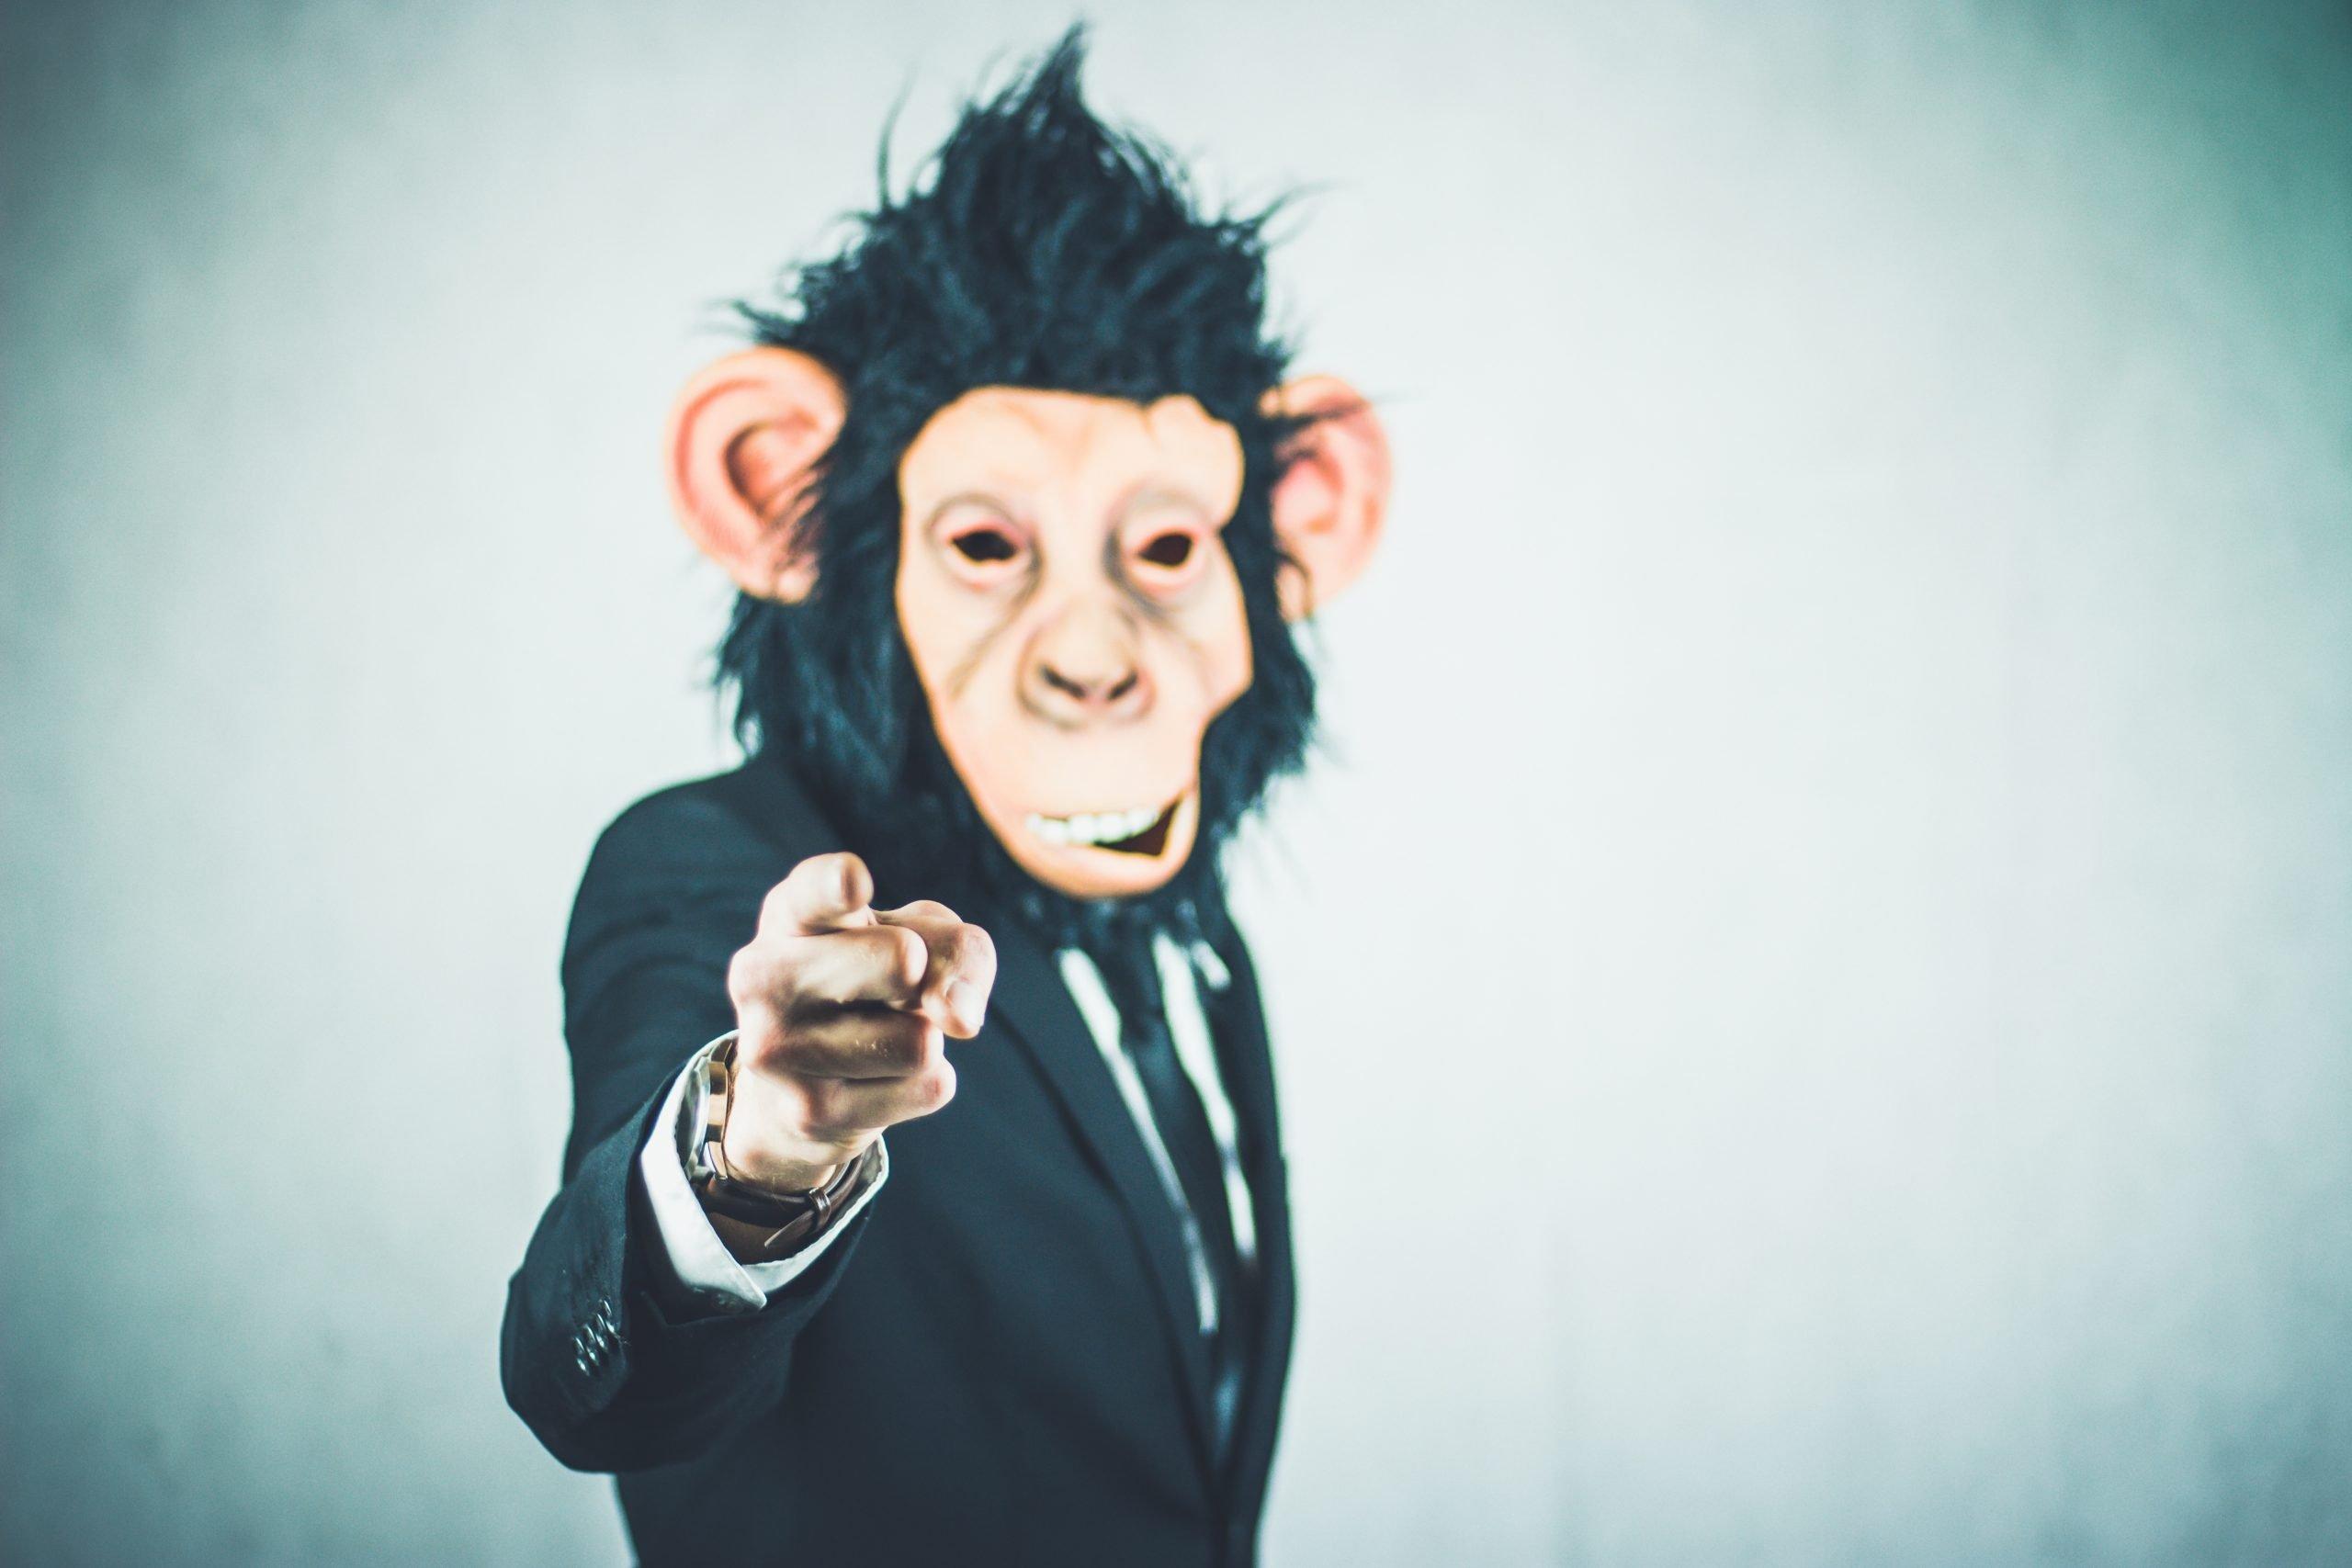 monkey-2710657